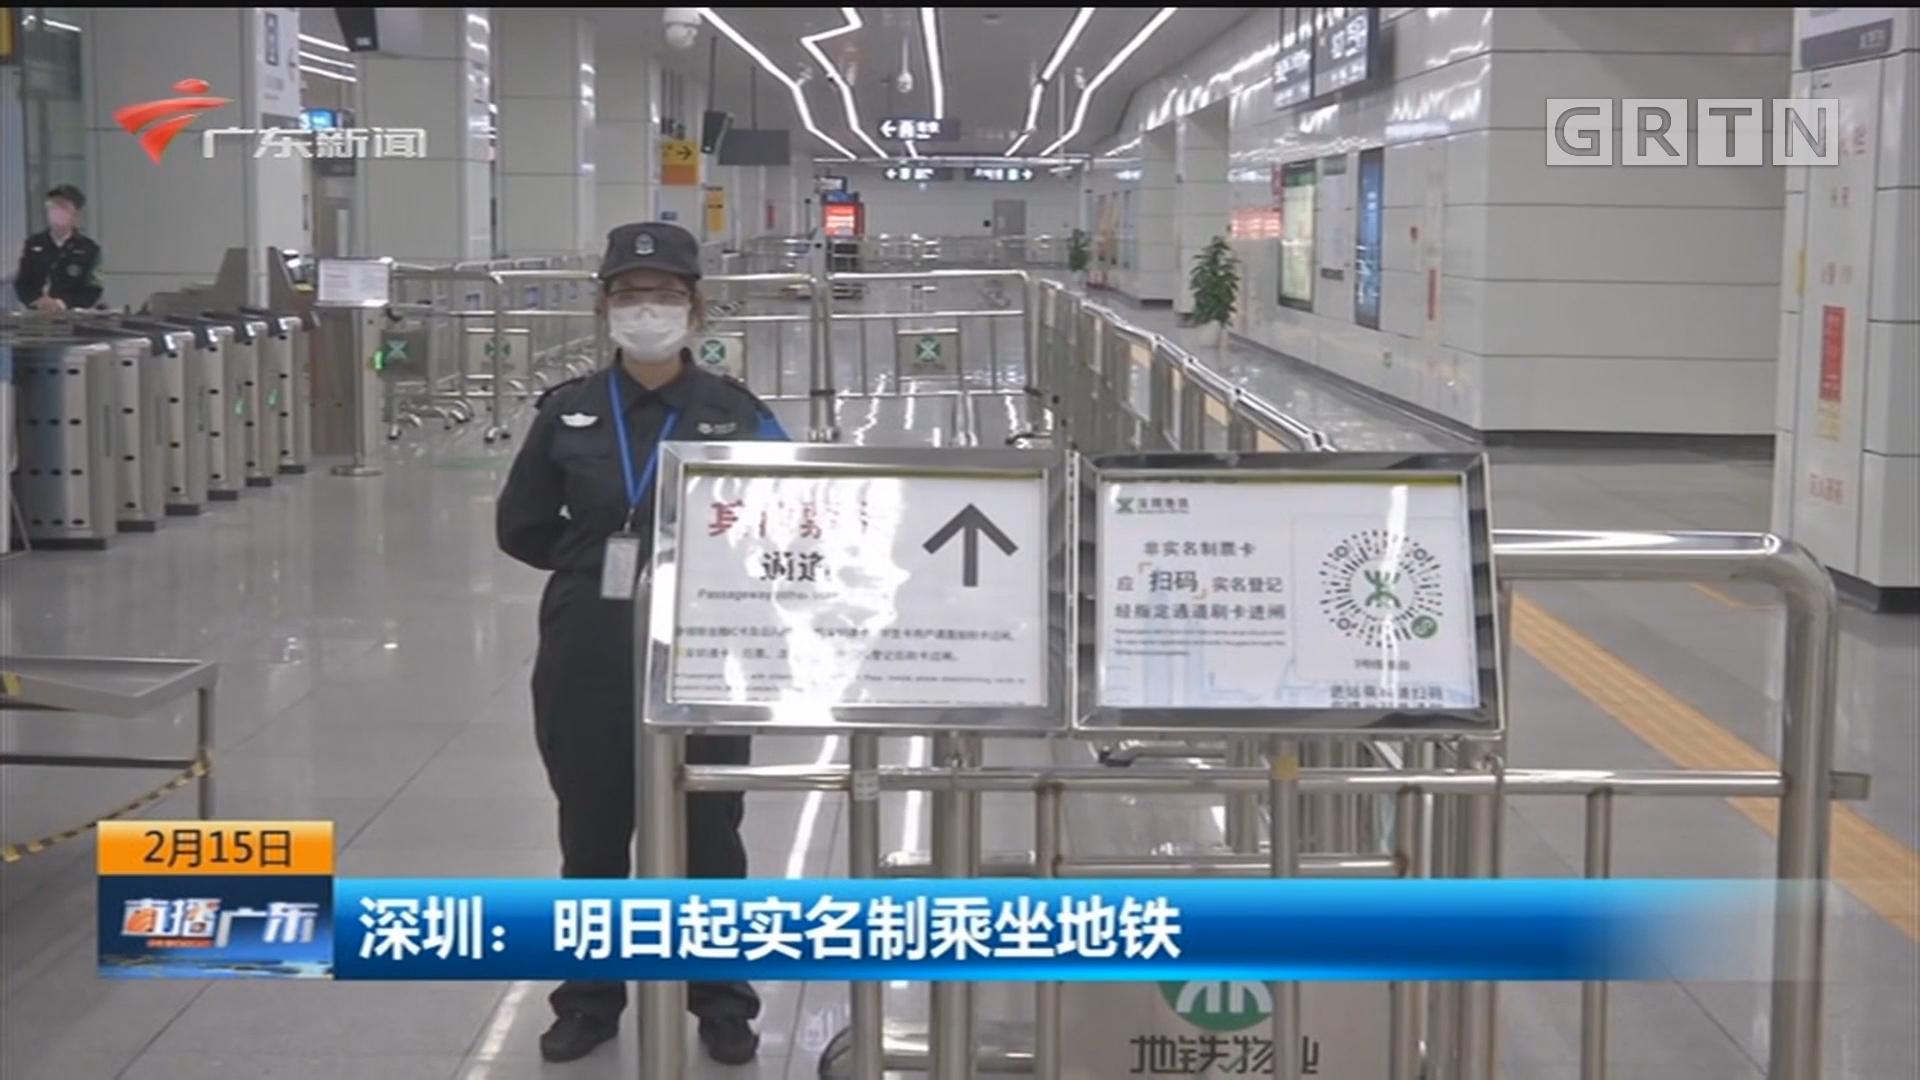 深圳:明日起实名制乘坐地铁